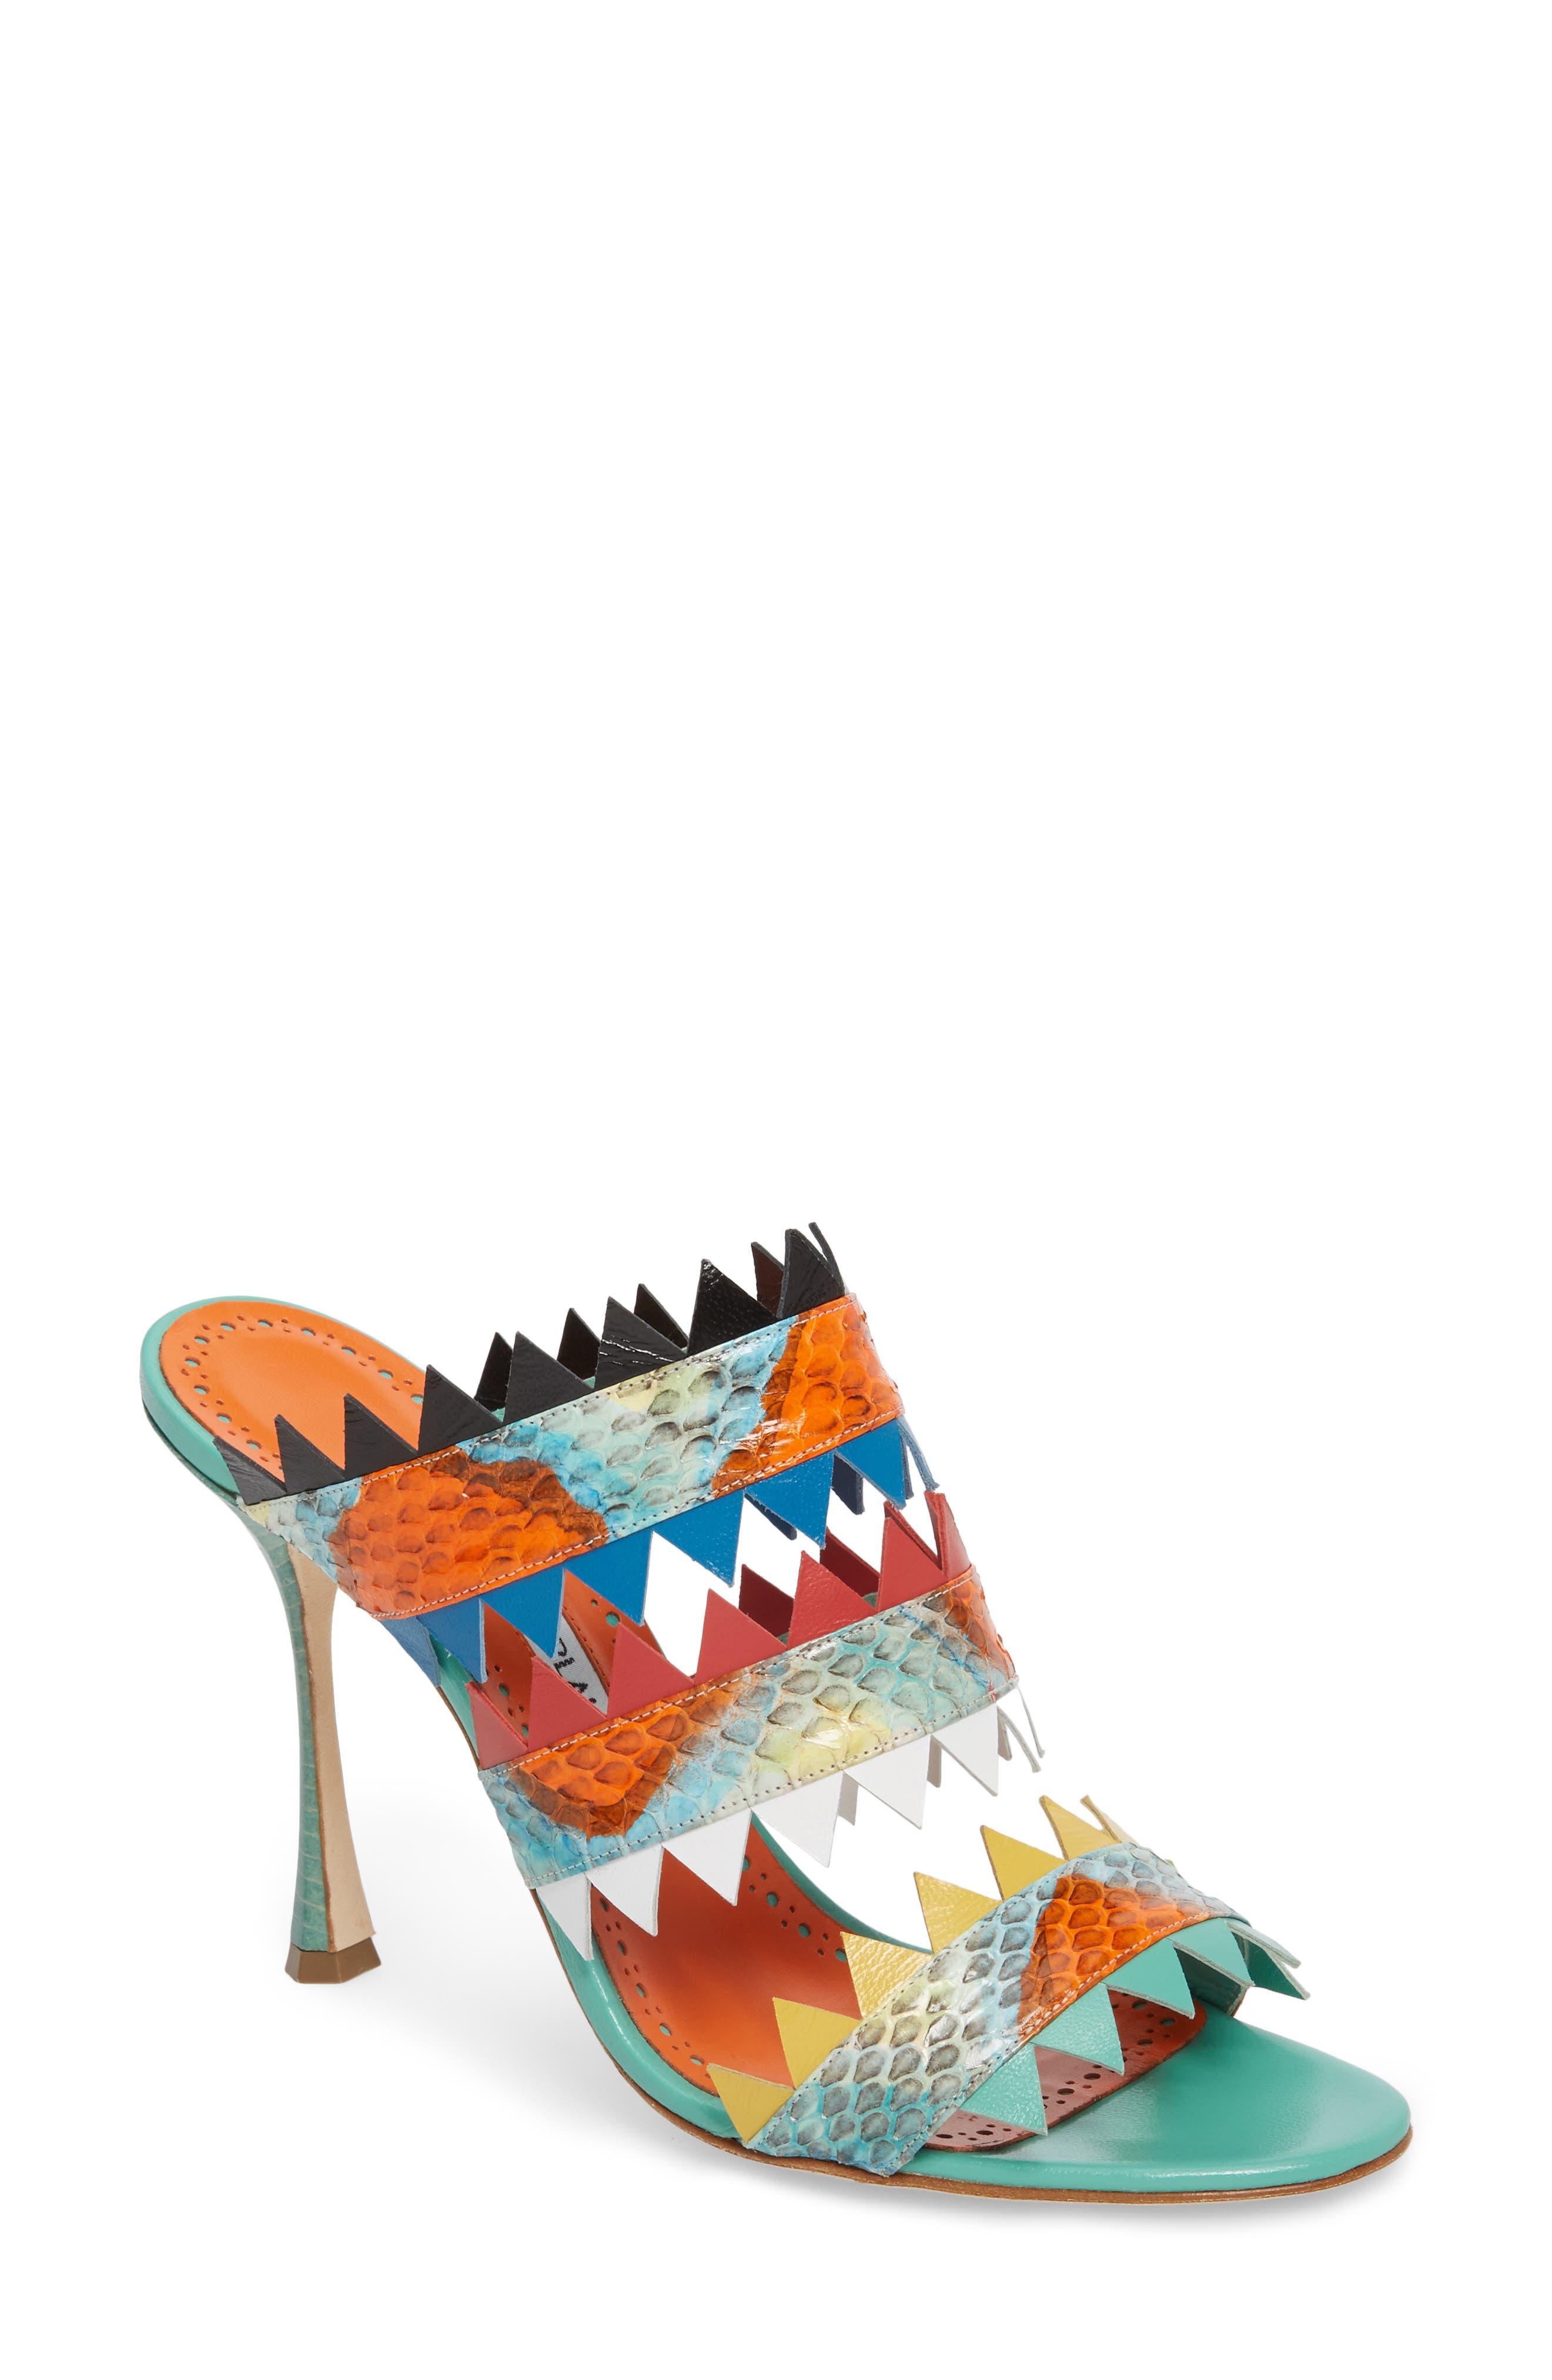 Arpege Mule Sandal,                             Main thumbnail 1, color,                             Watersnake Multi